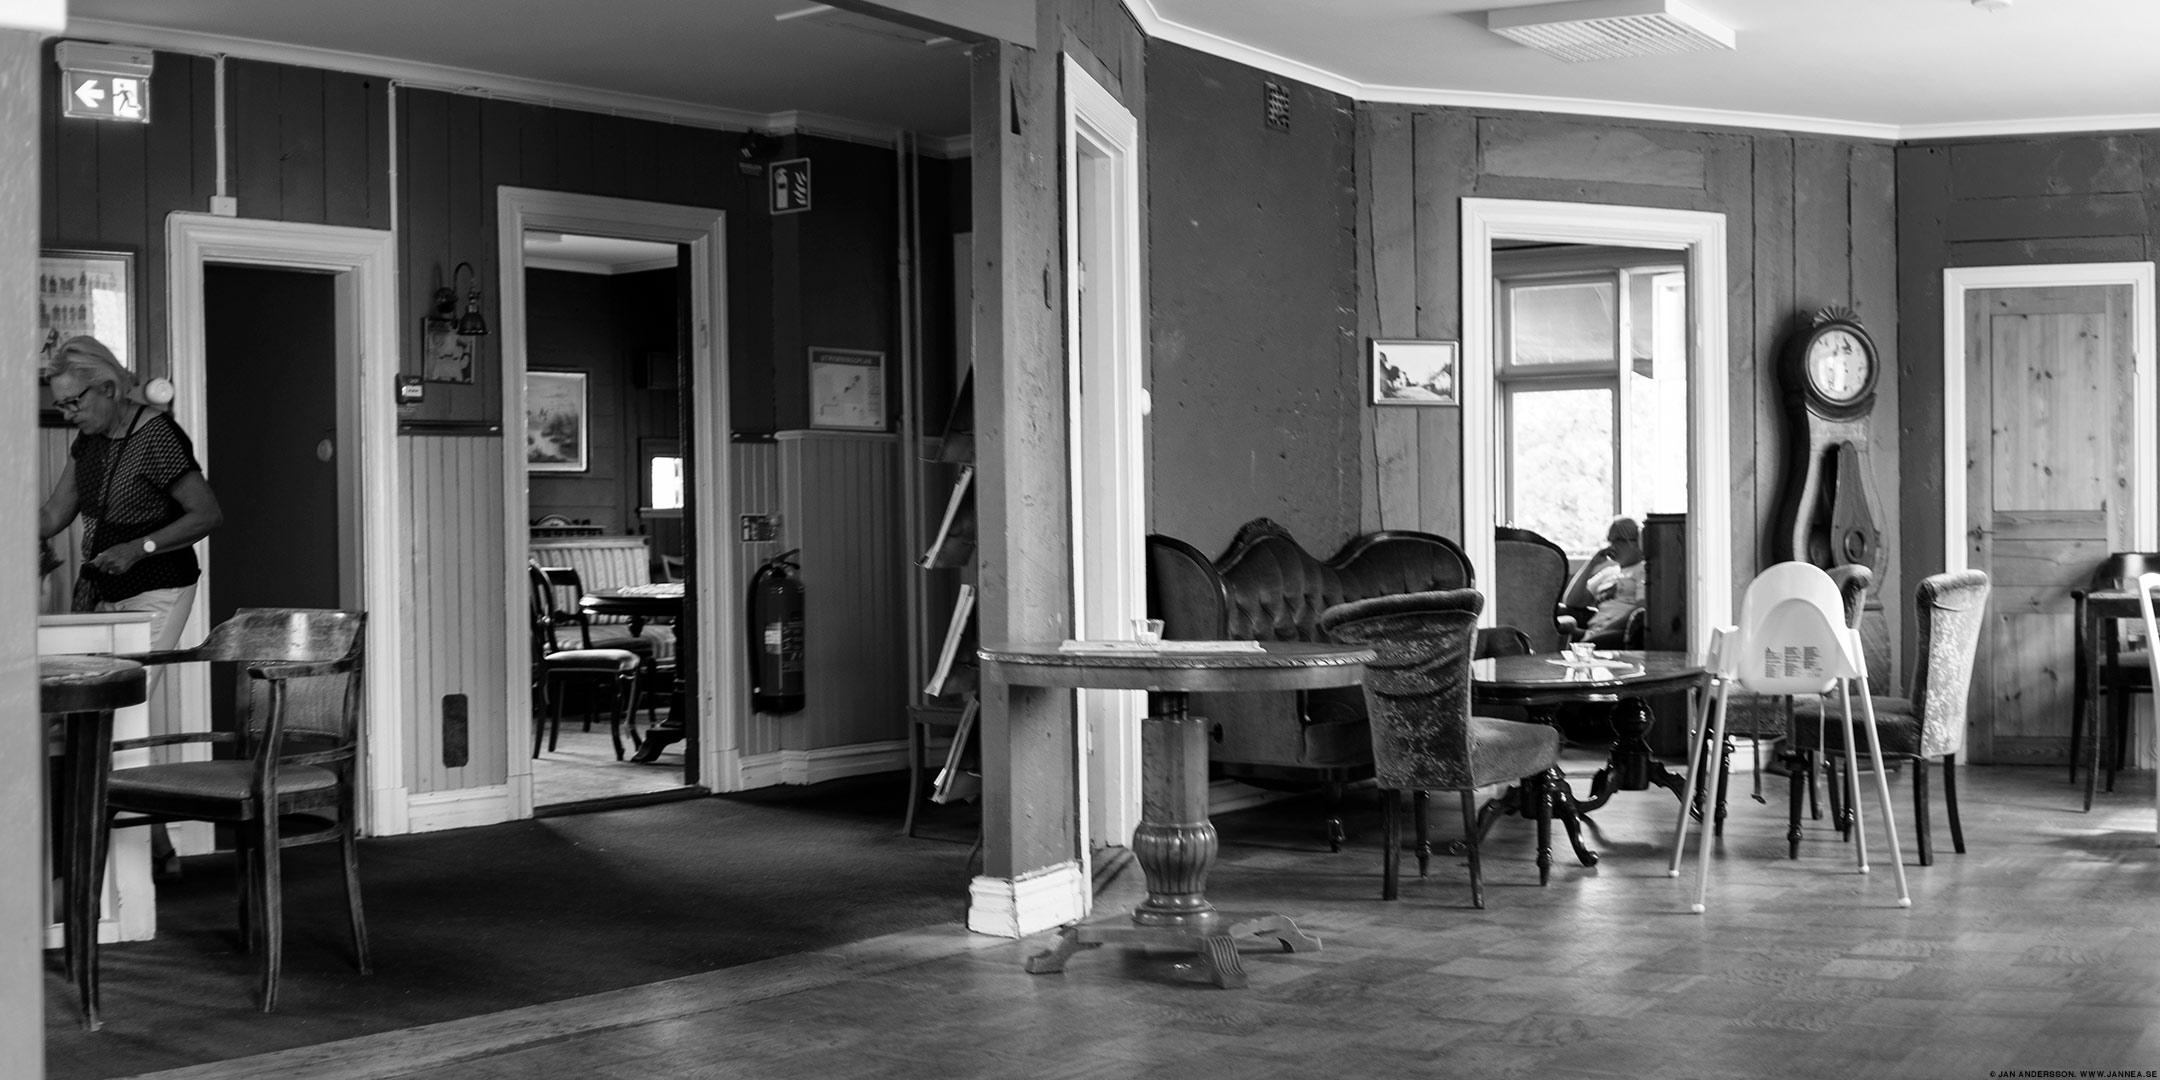 En kaffe i Väderstad och sen hem till lättja ©Jan Andersson